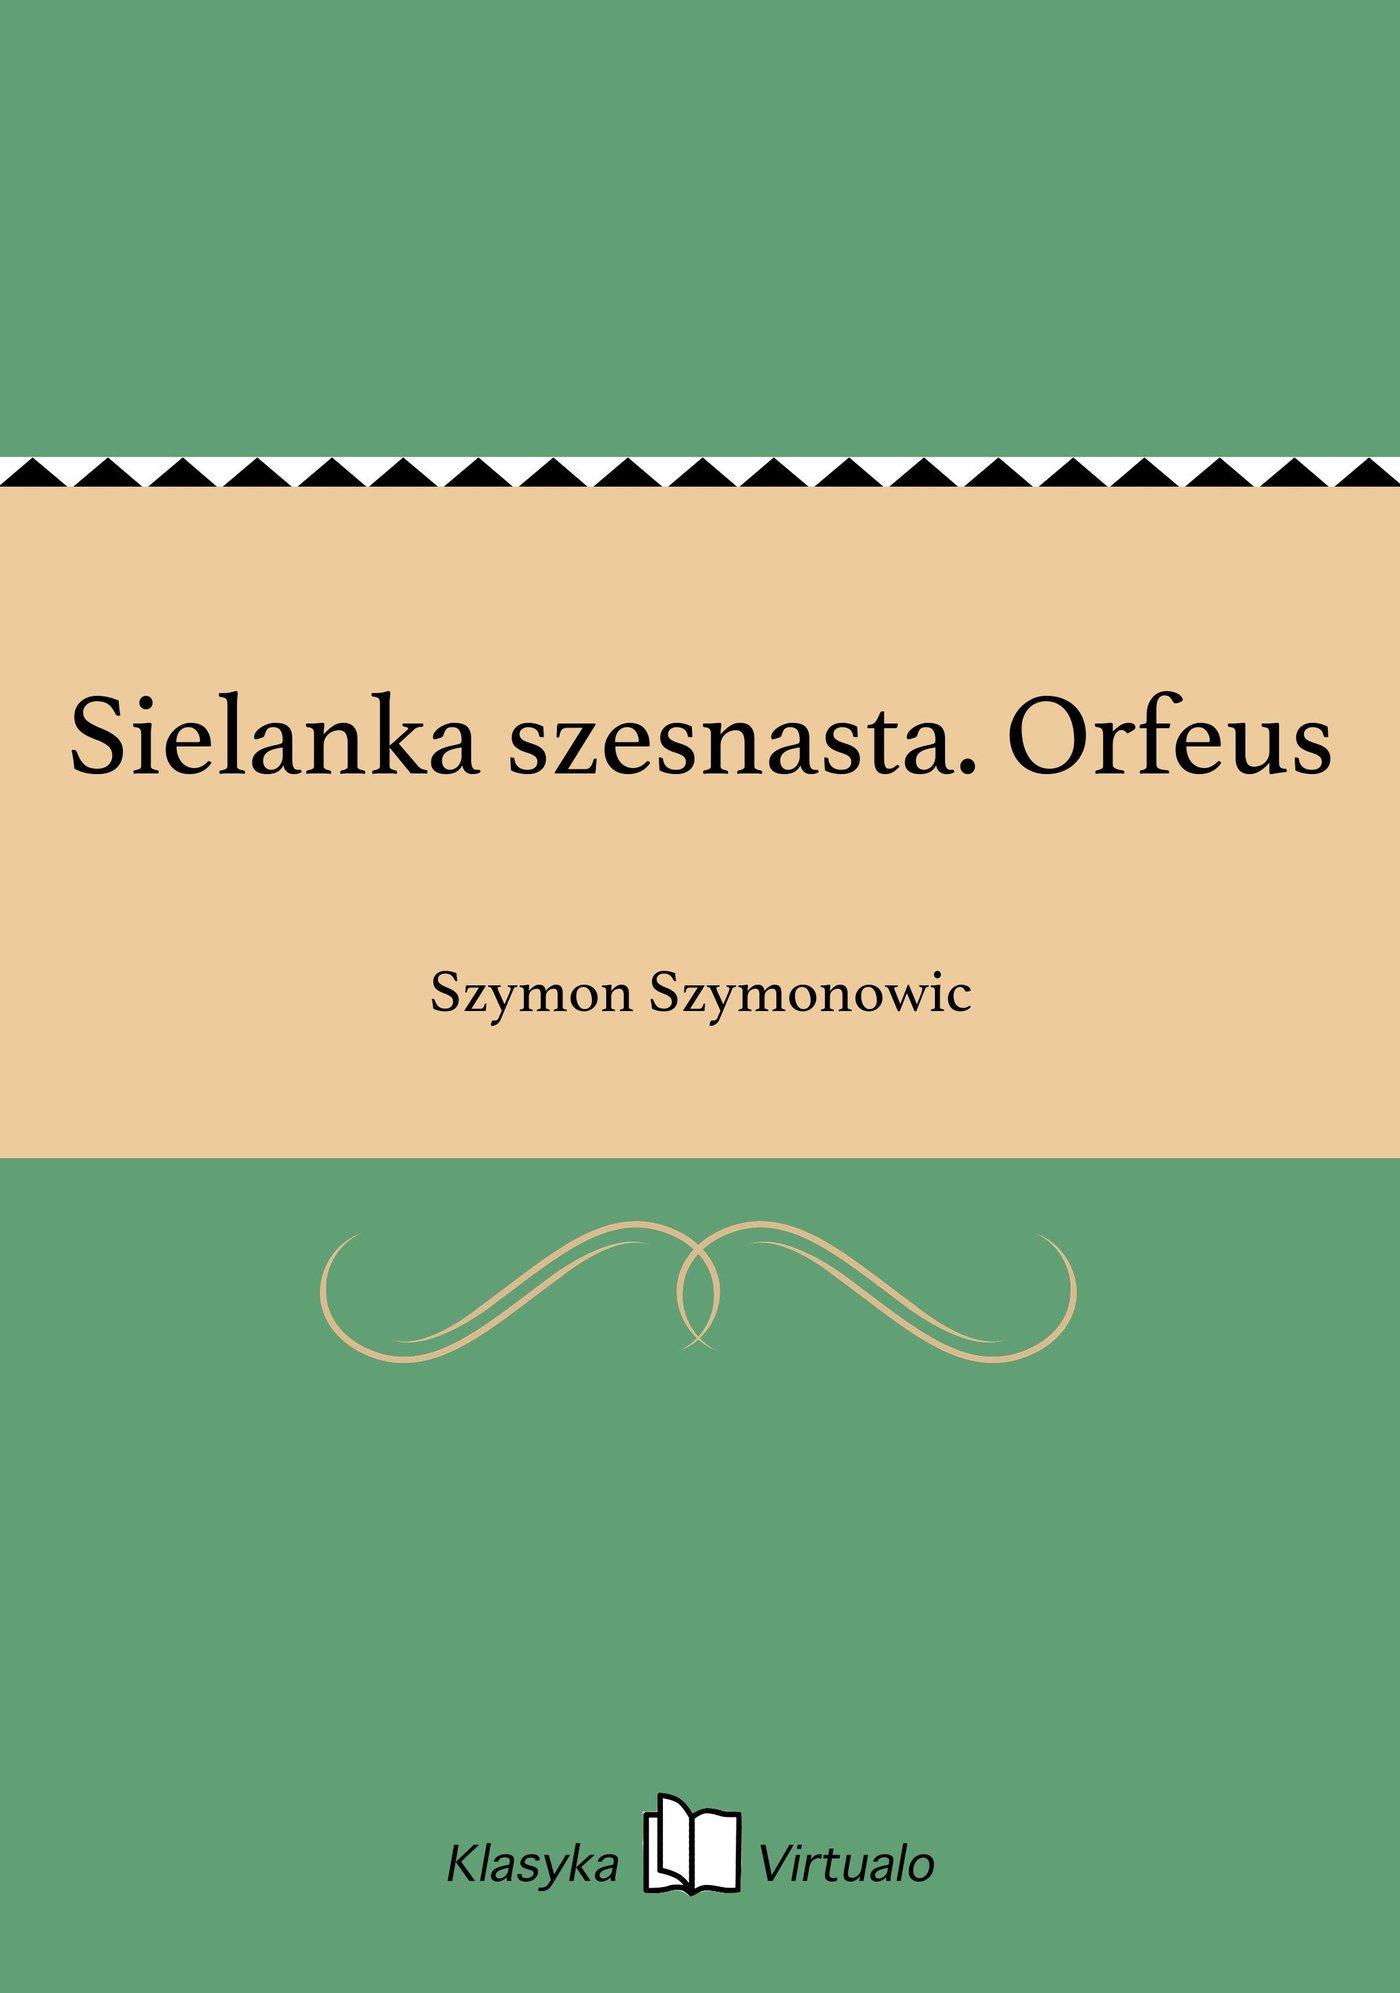 Sielanka szesnasta. Orfeus - Ebook (Książka EPUB) do pobrania w formacie EPUB